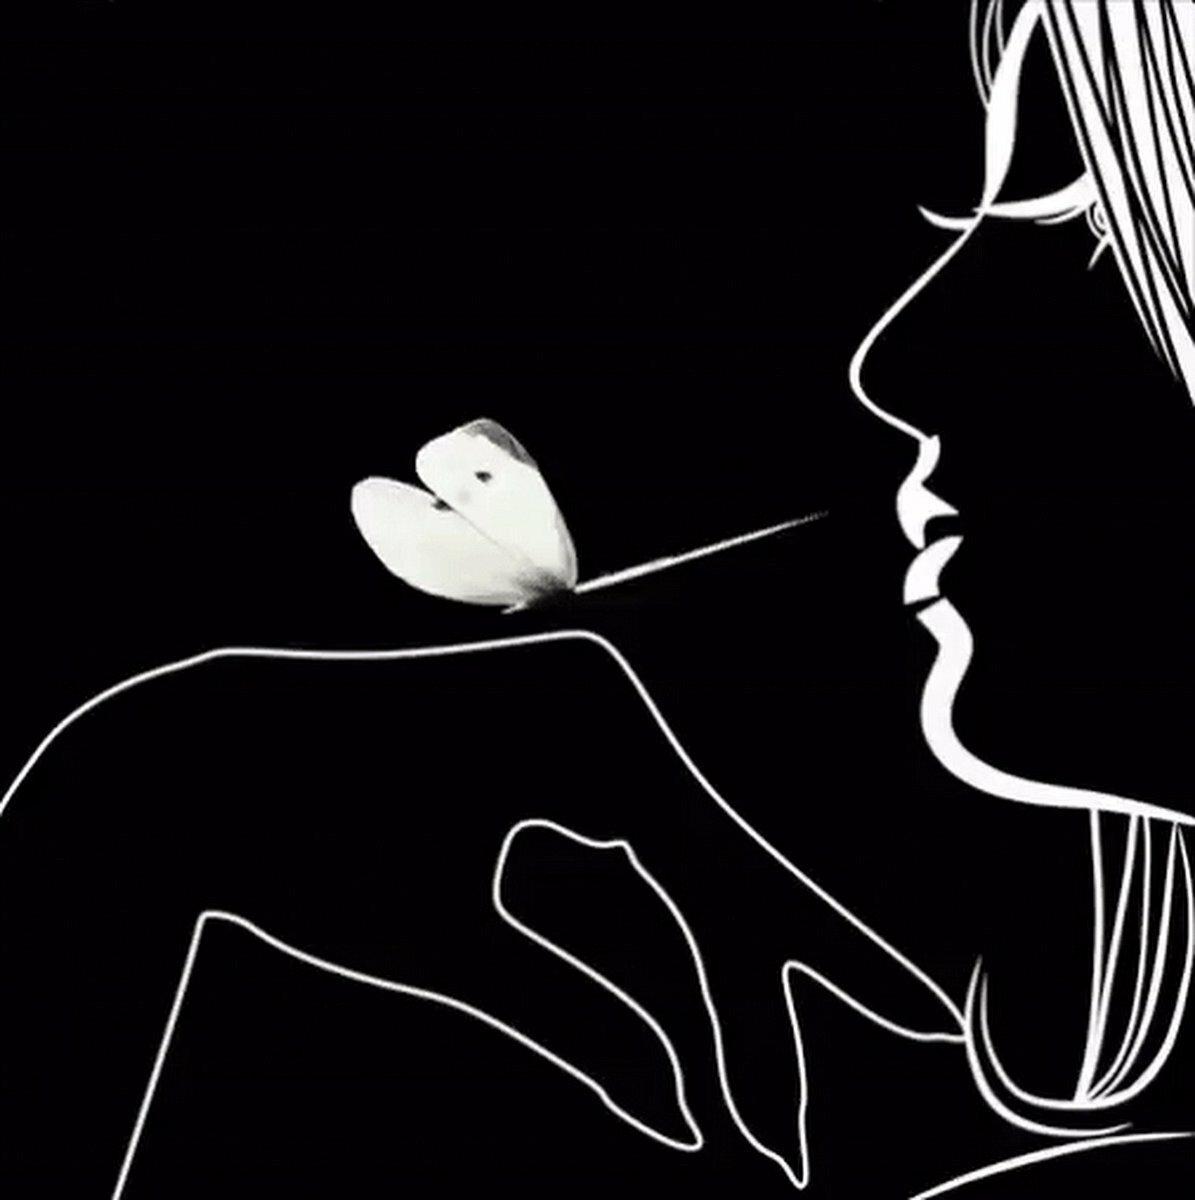 потребовались картинки белым по черному о любви милые зайчонок мышонок